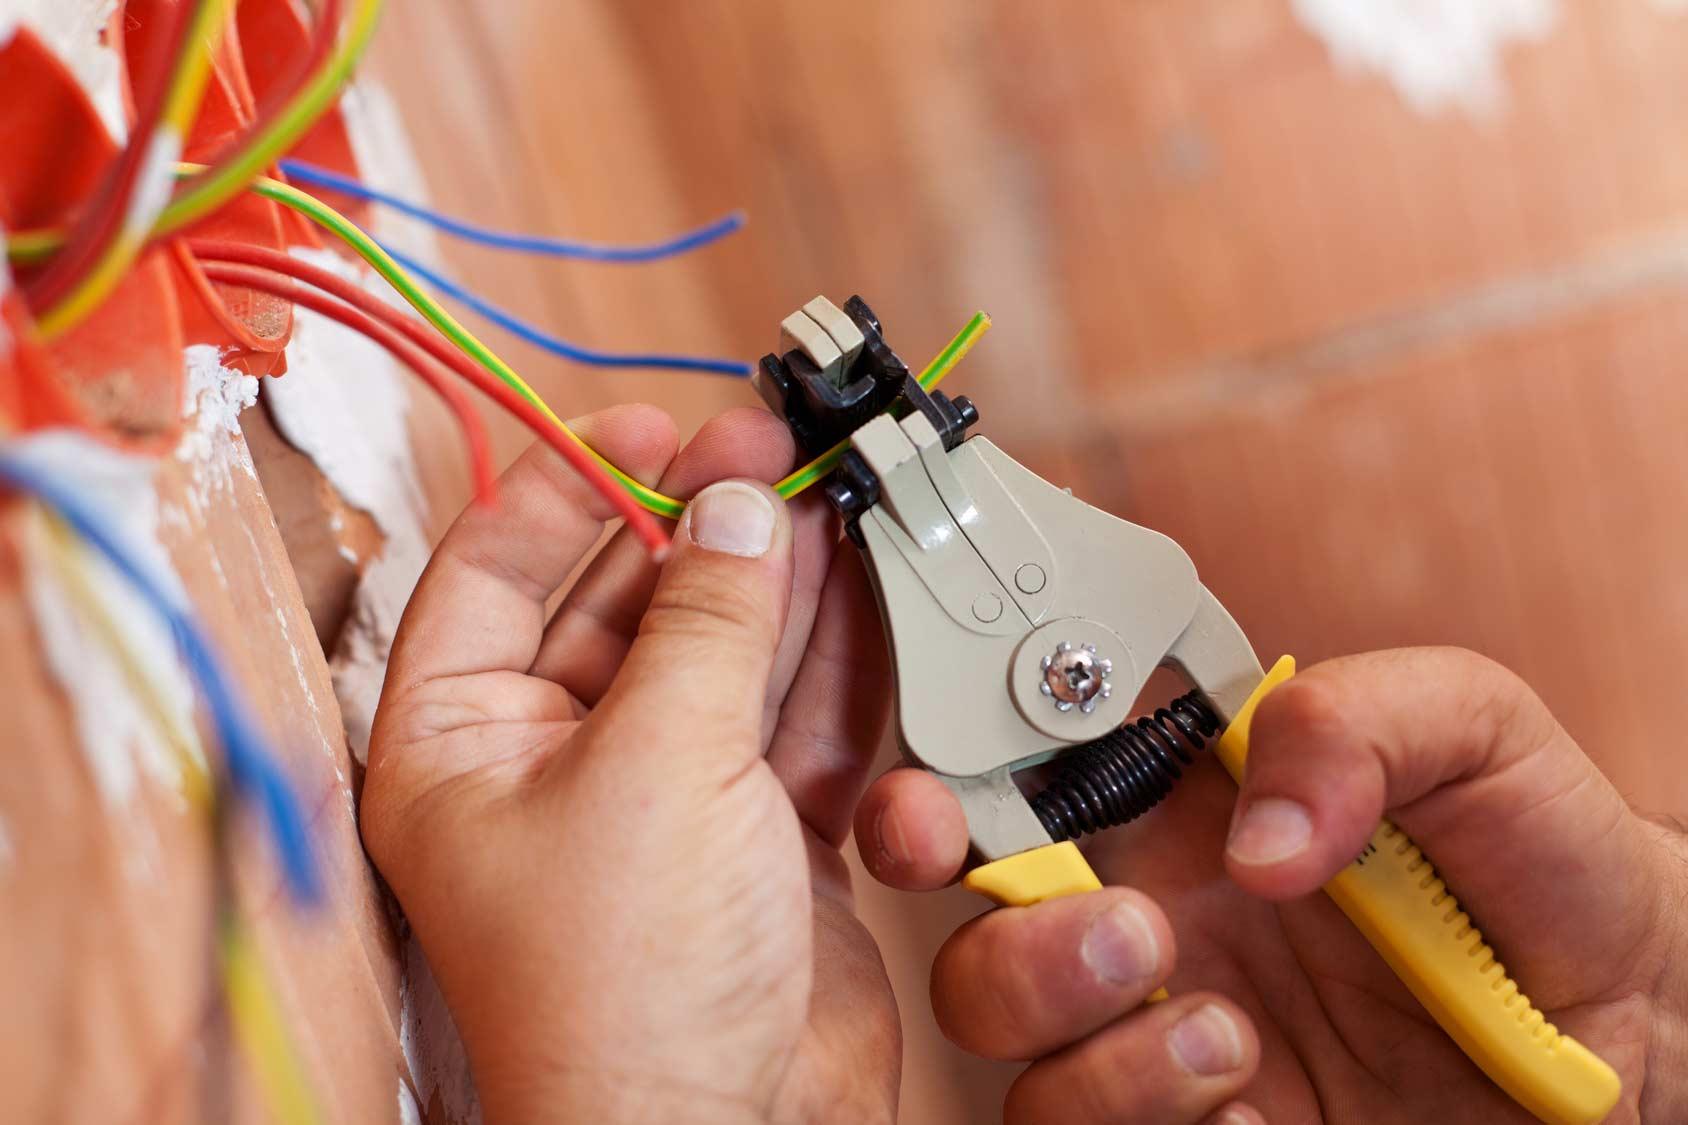 Качественные электротехнические работы от Центра бытовых услуг